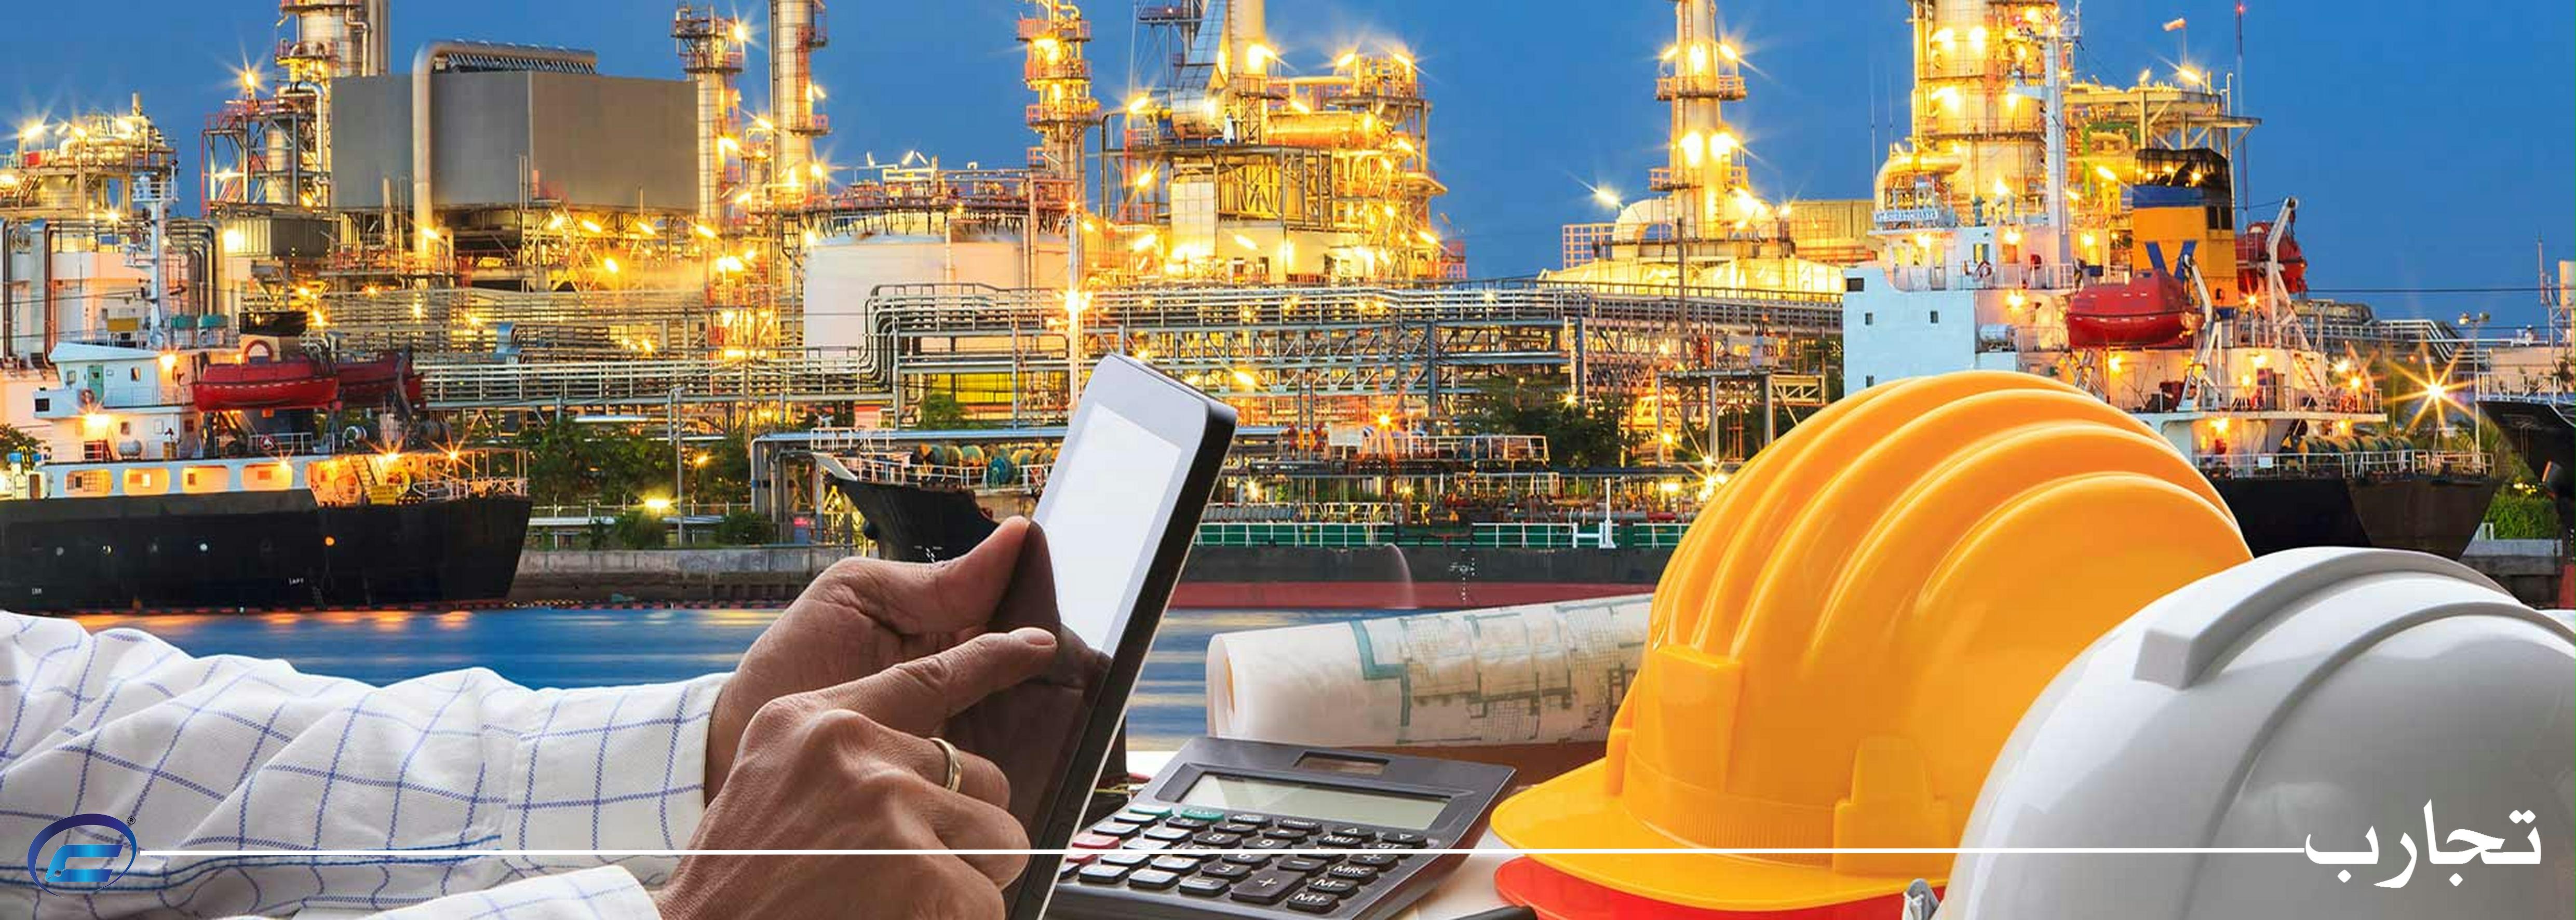 تجارب قراردادنویسی-نفت و گاز و پتروشیمی-کانون قراردادنویسان ایران